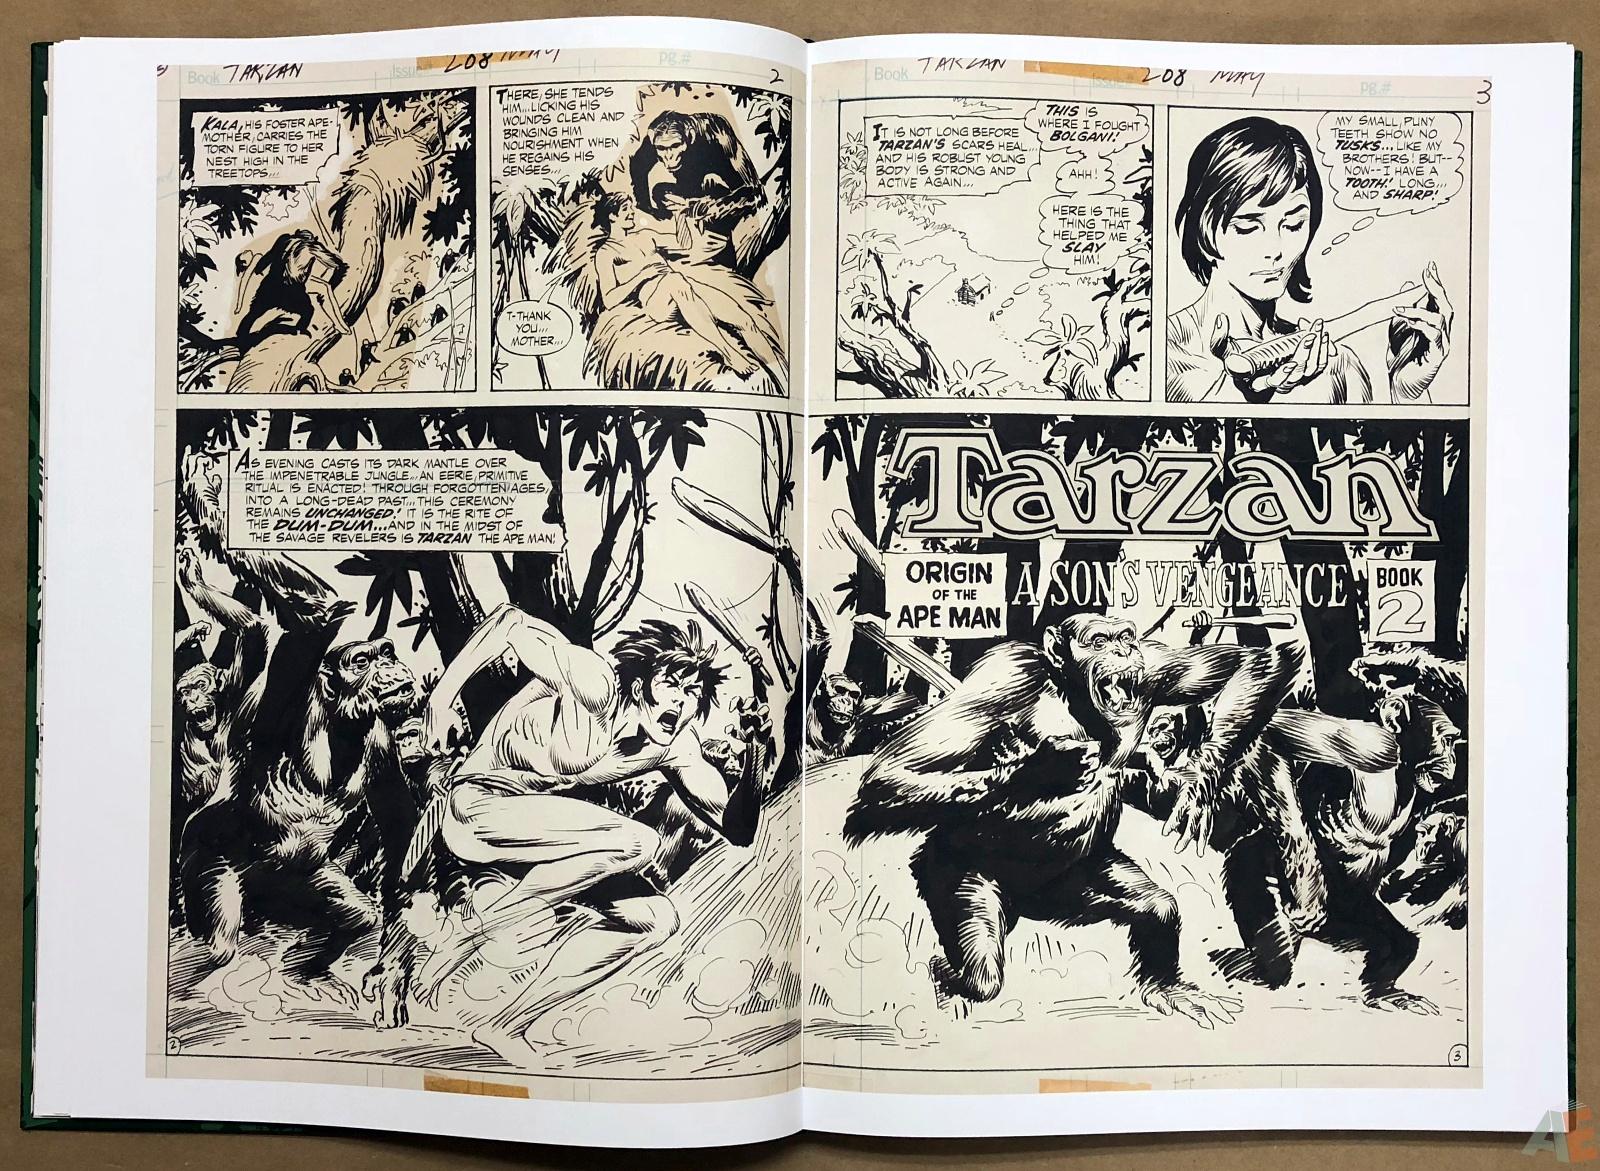 Joe Kubert's Tarzan of the Apes Artist's Edition 18